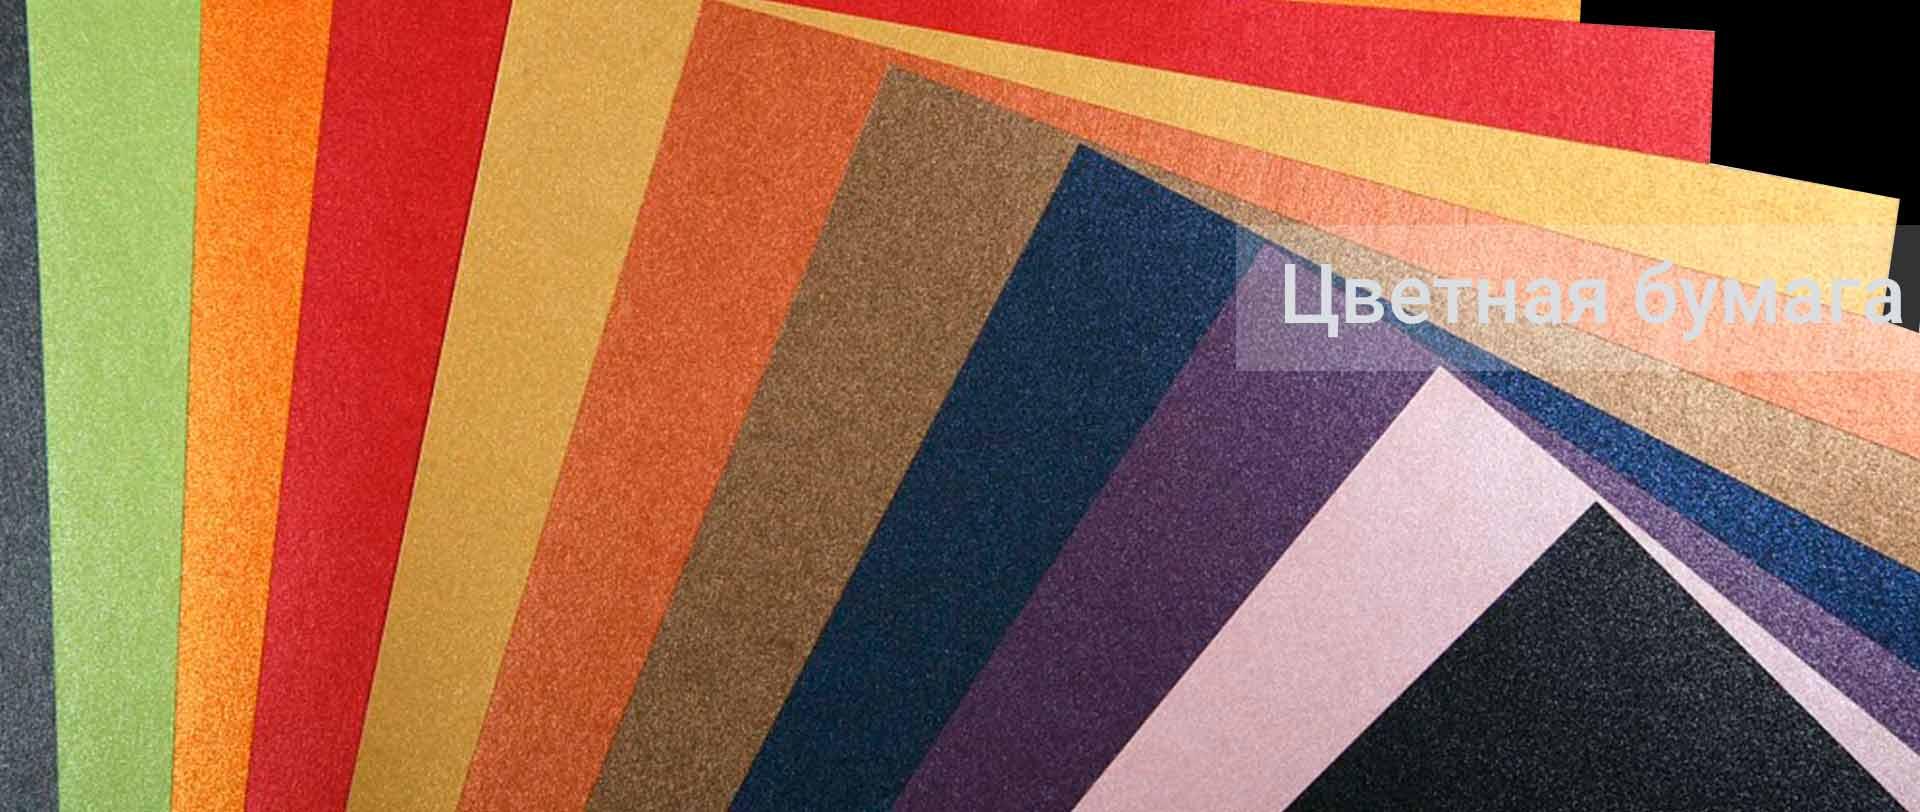 Цветная дизайнерская бумаг